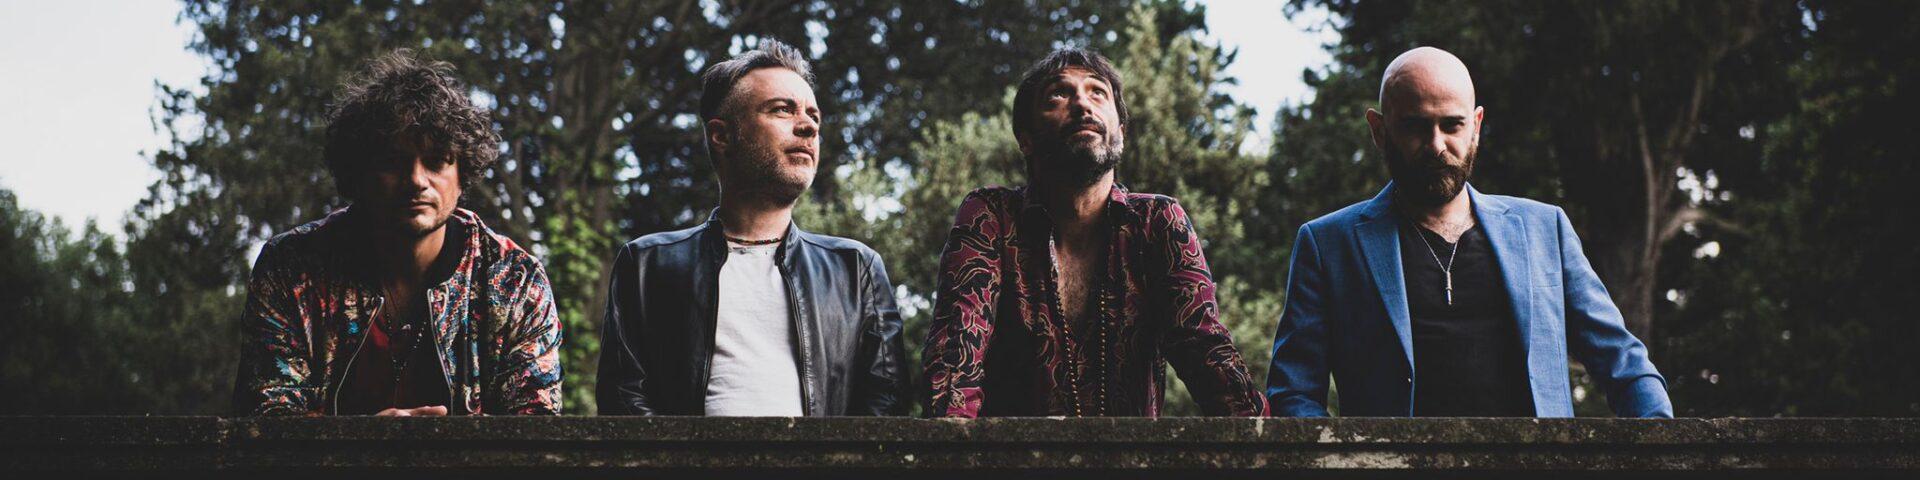 """LA SCELTA: """"Agosto a casa"""" è il nuovo singolo della band composta da Mattia Del Forno, Francesco Caprara, Emiliano Mangia e Marco Pistone."""